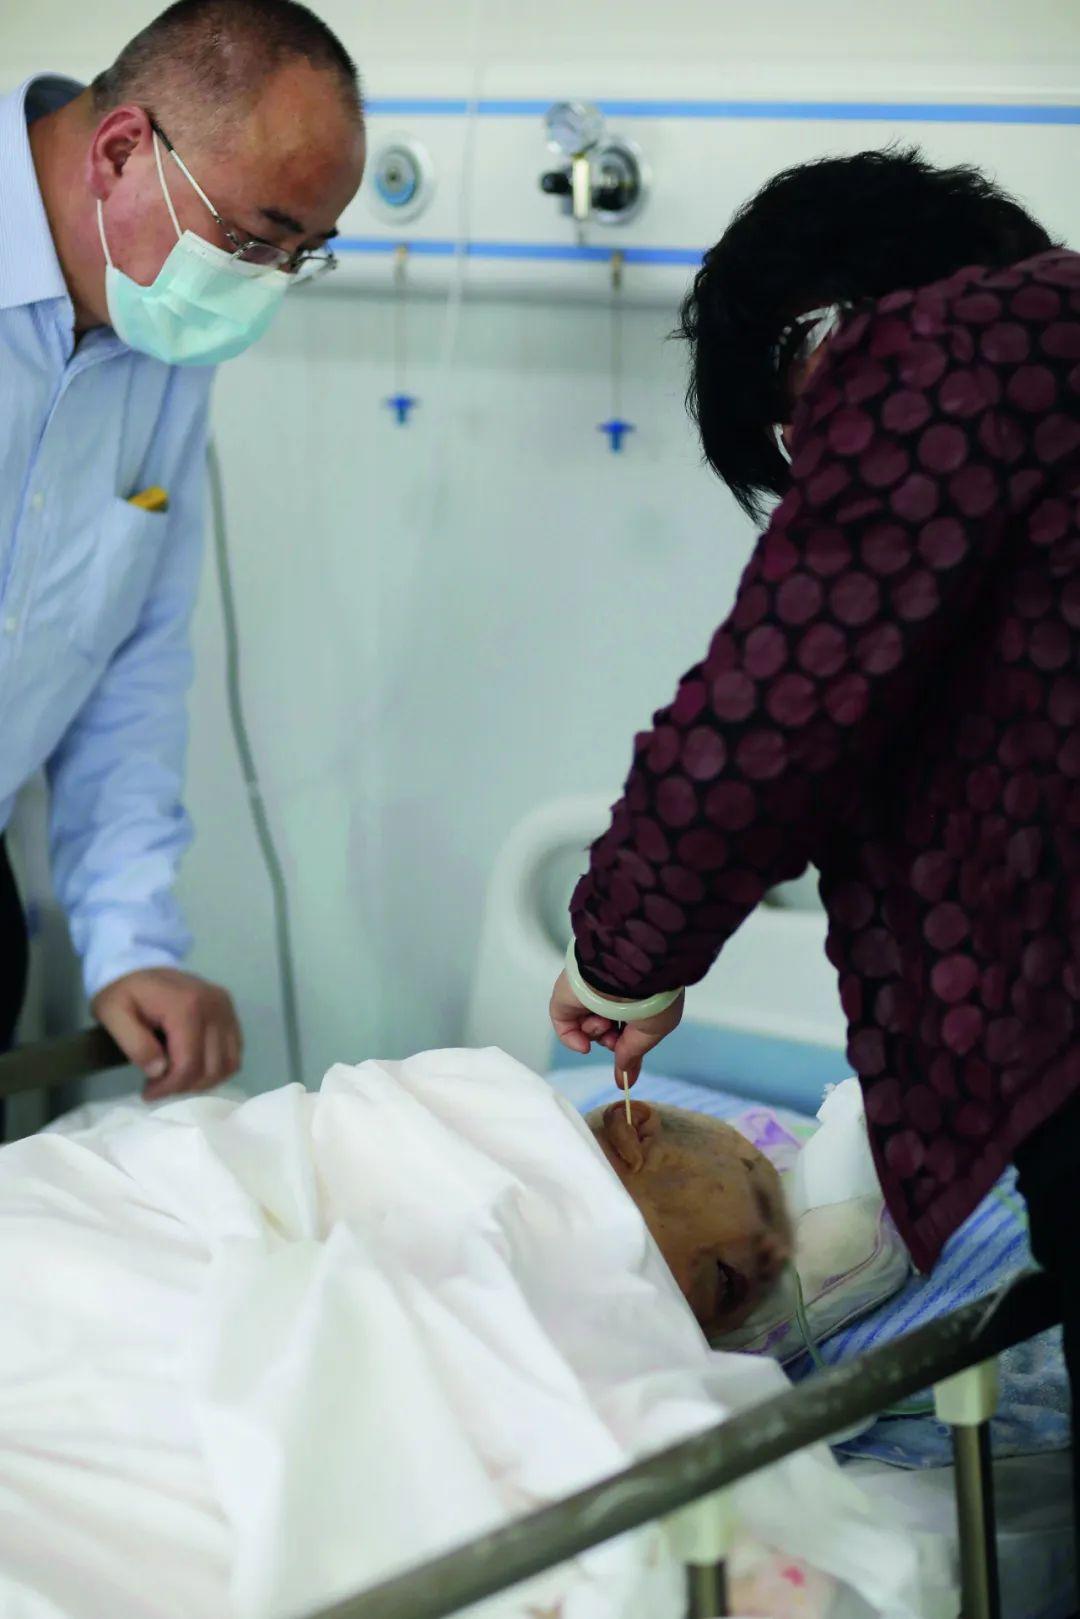 4月3日,北京密云延生残疾人托养帮助中央,前来探望亲人孙英的两位家族帮孙英掏耳朵。拍照/张涛